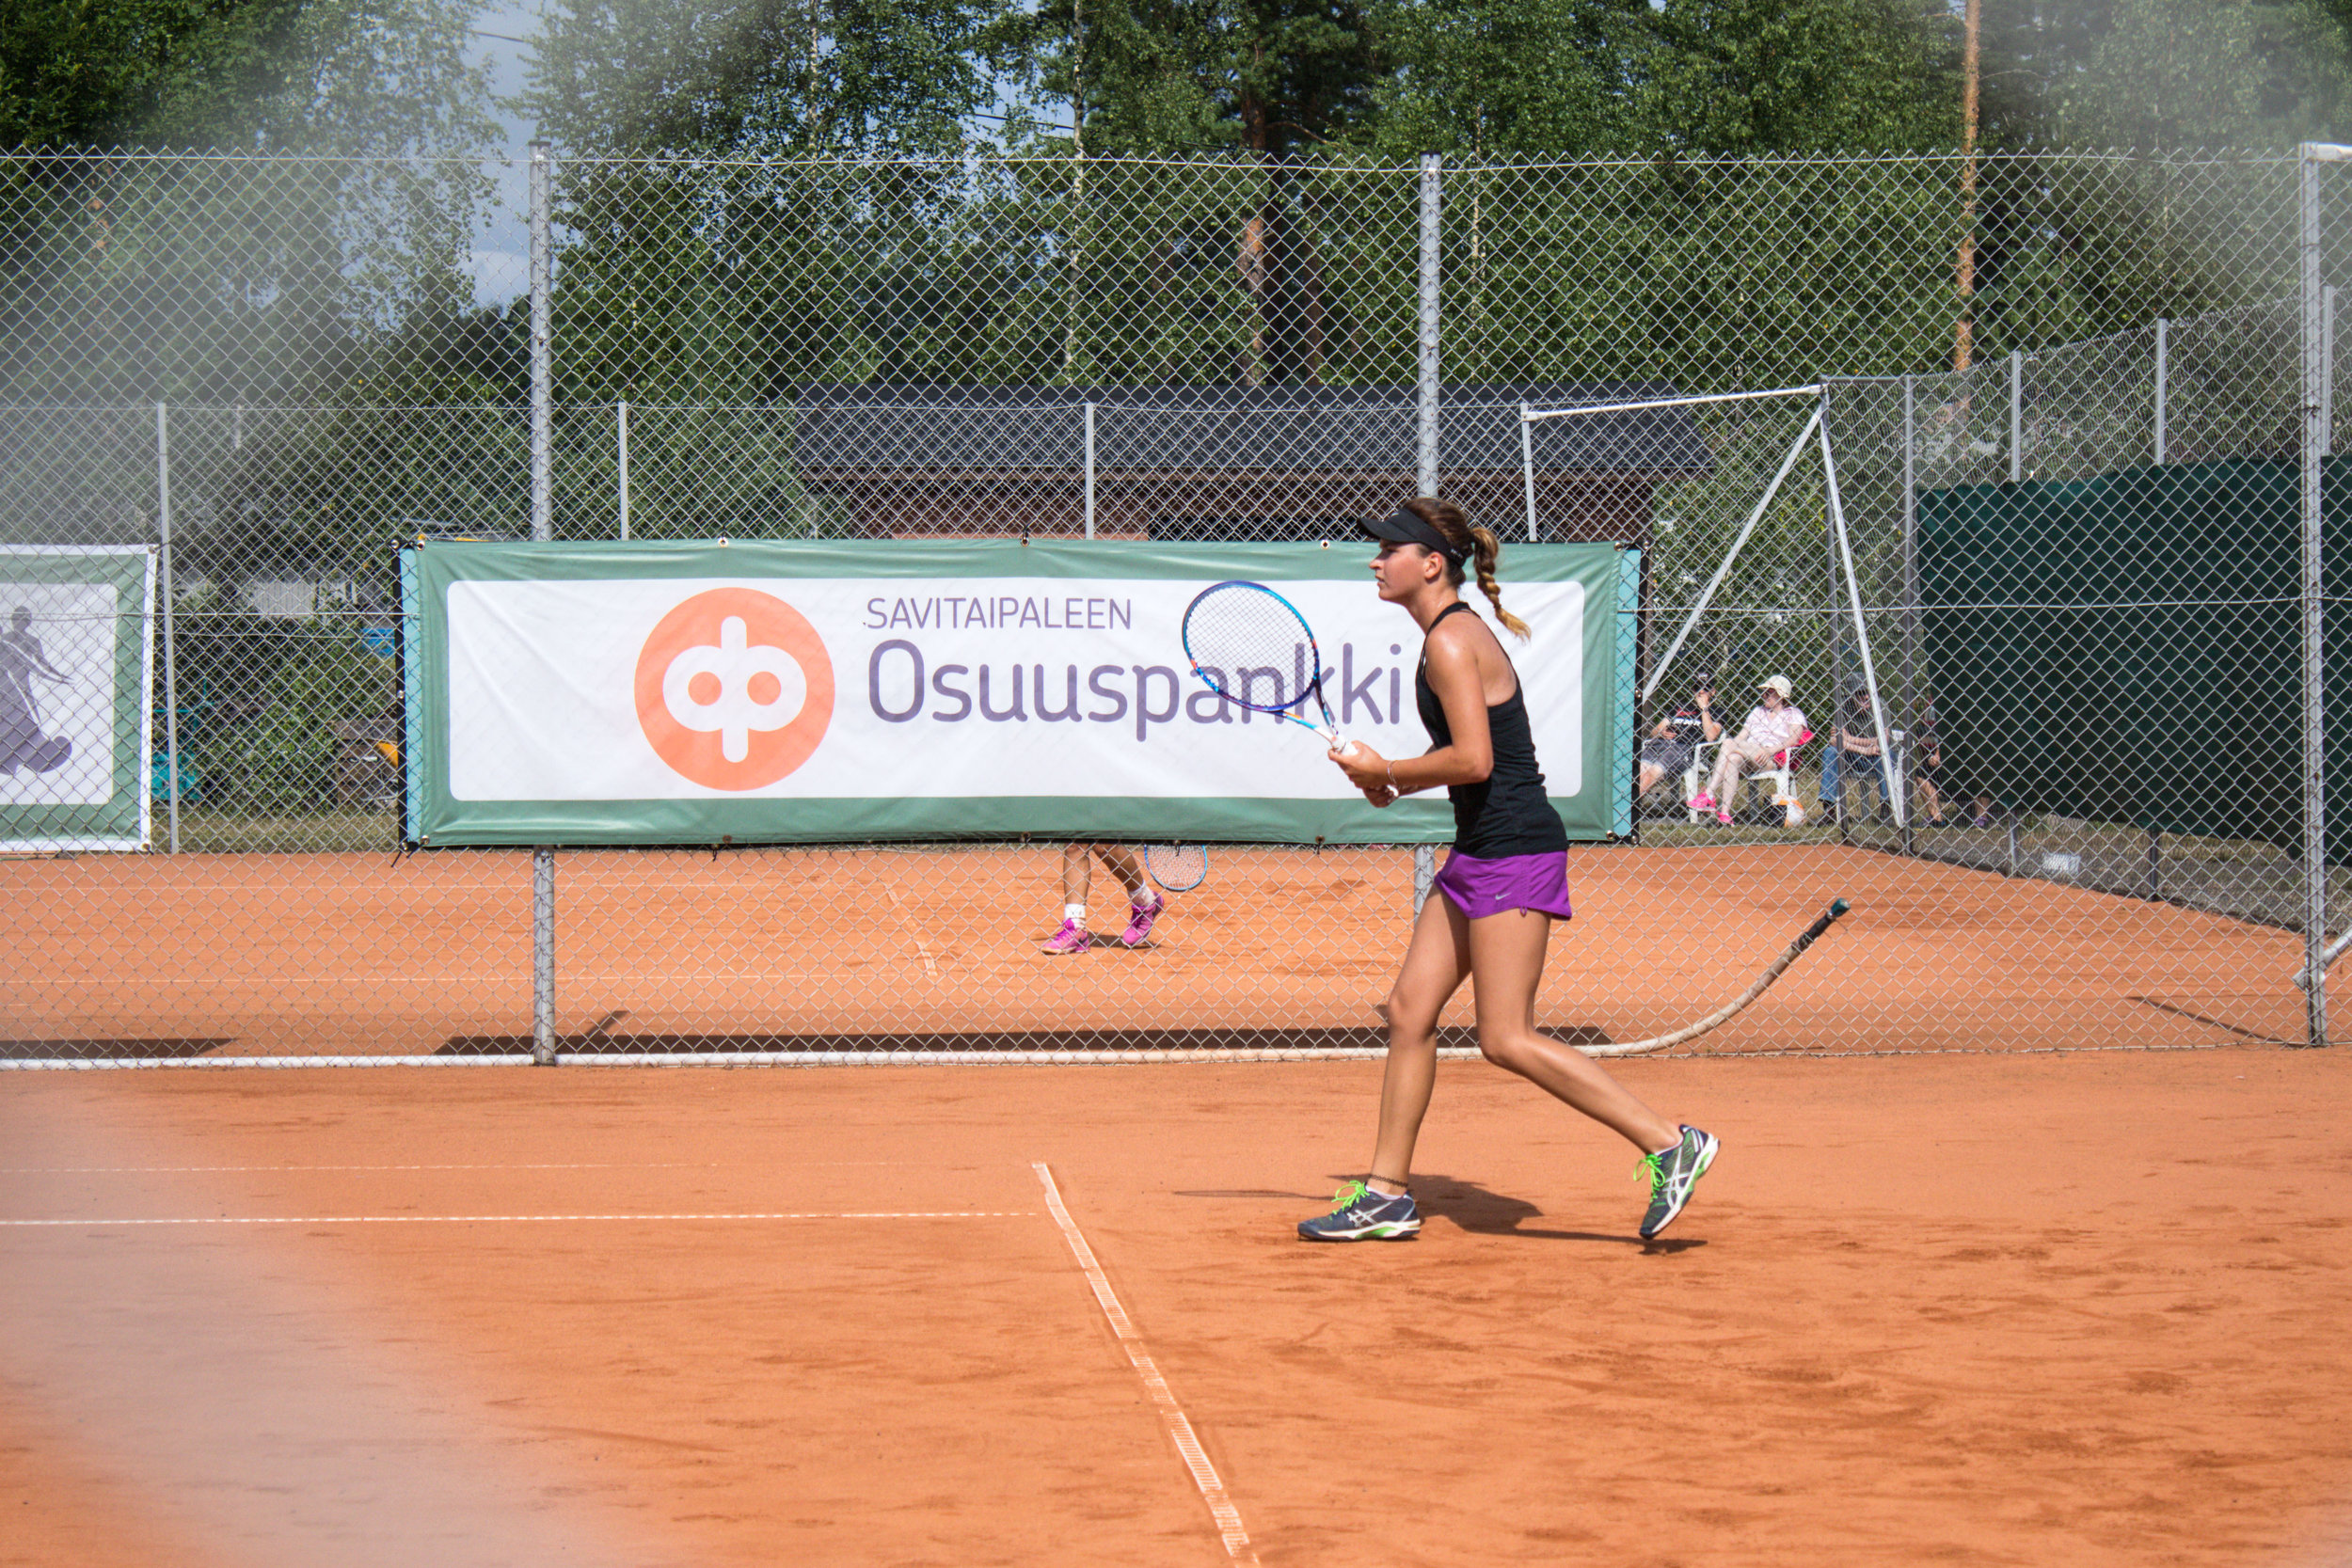 Tenniskentat_300res-0750.jpg